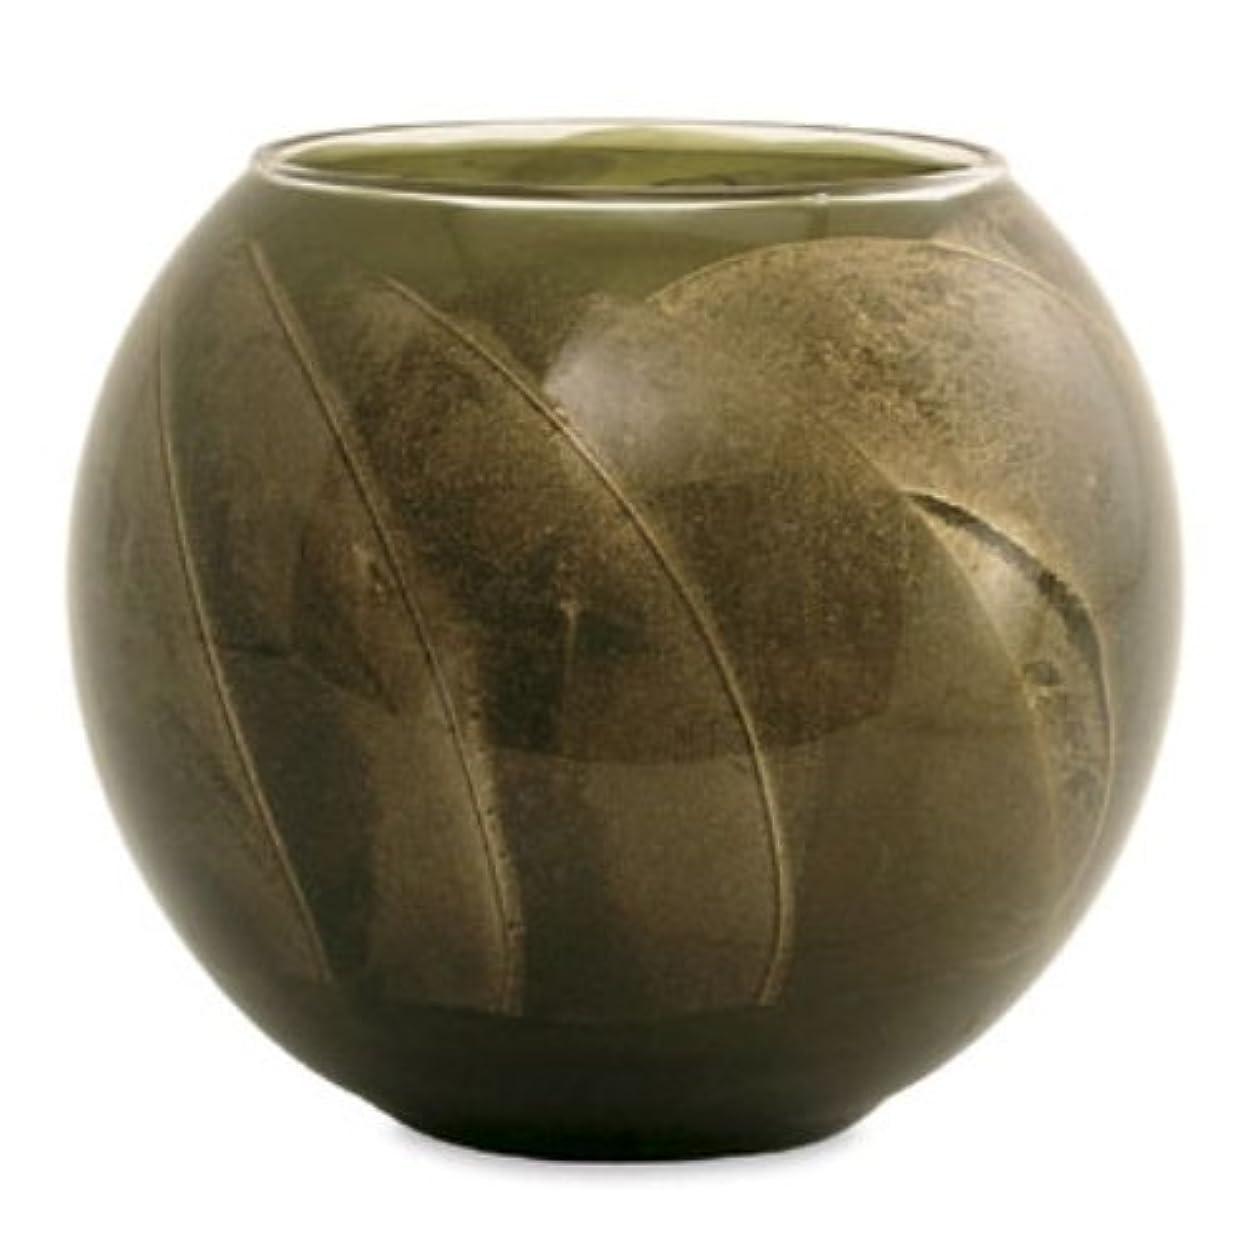 ウイルスカップ政権Northern Lights Candles Esque Polished Globe - 4 inch Olive by Northern Lights Candles [並行輸入品]